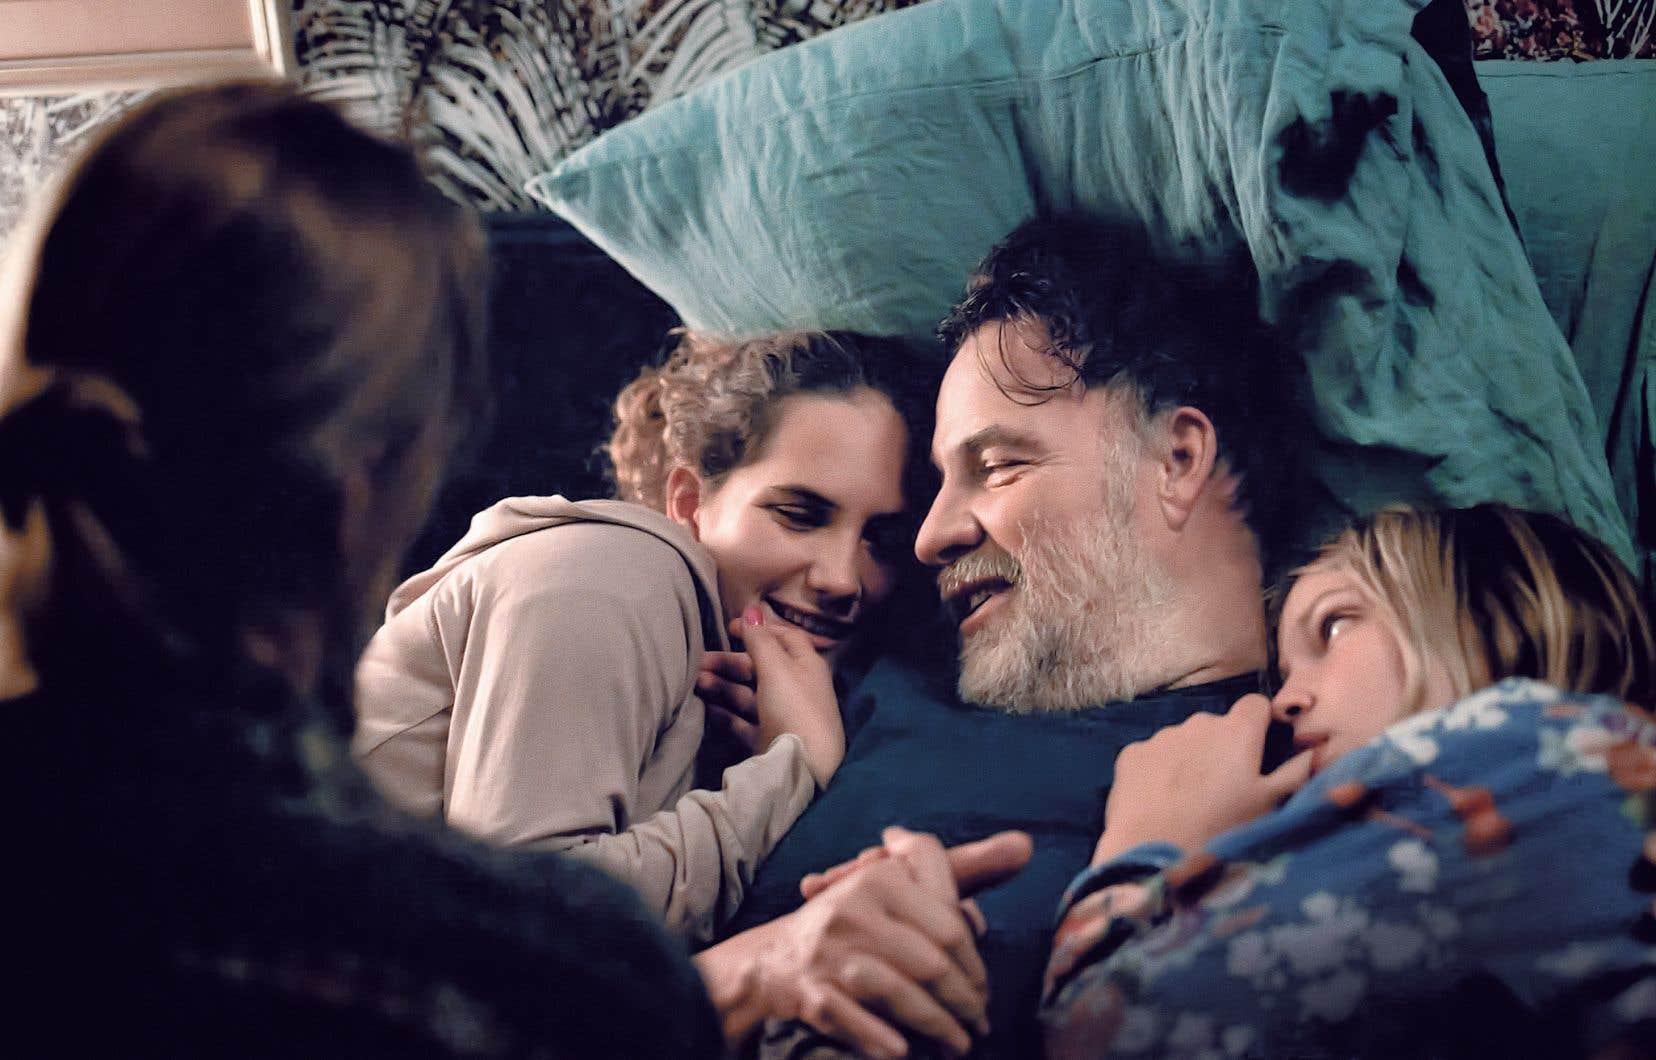 Avec doigté et un sens aiguisé du détail, la cinéaste Claire Burger ausculte une cellule familiale subissant encore les contrecoups de son éclatement récent dans son long-métrage intitulé «C'est ça l'amour».